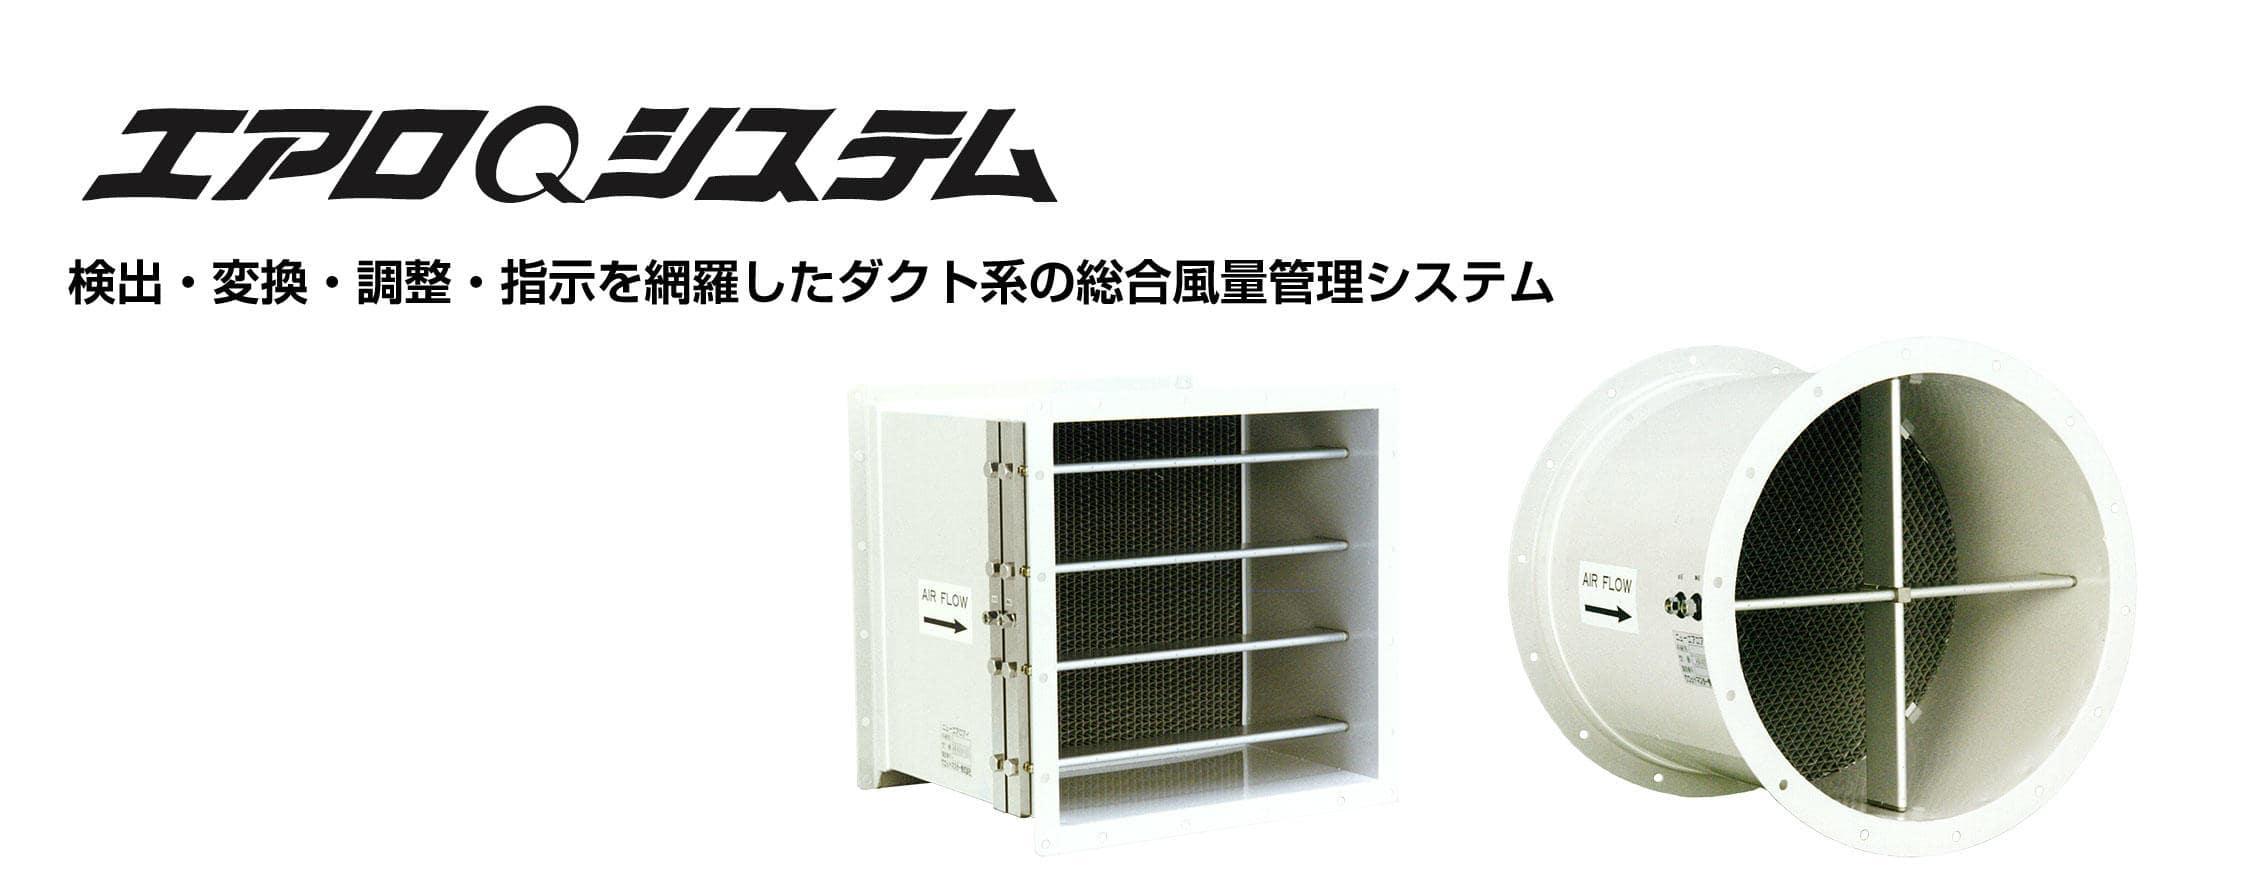 整流機能付・定置式複合ピトー管センサ(風量センサ)AEタイプ